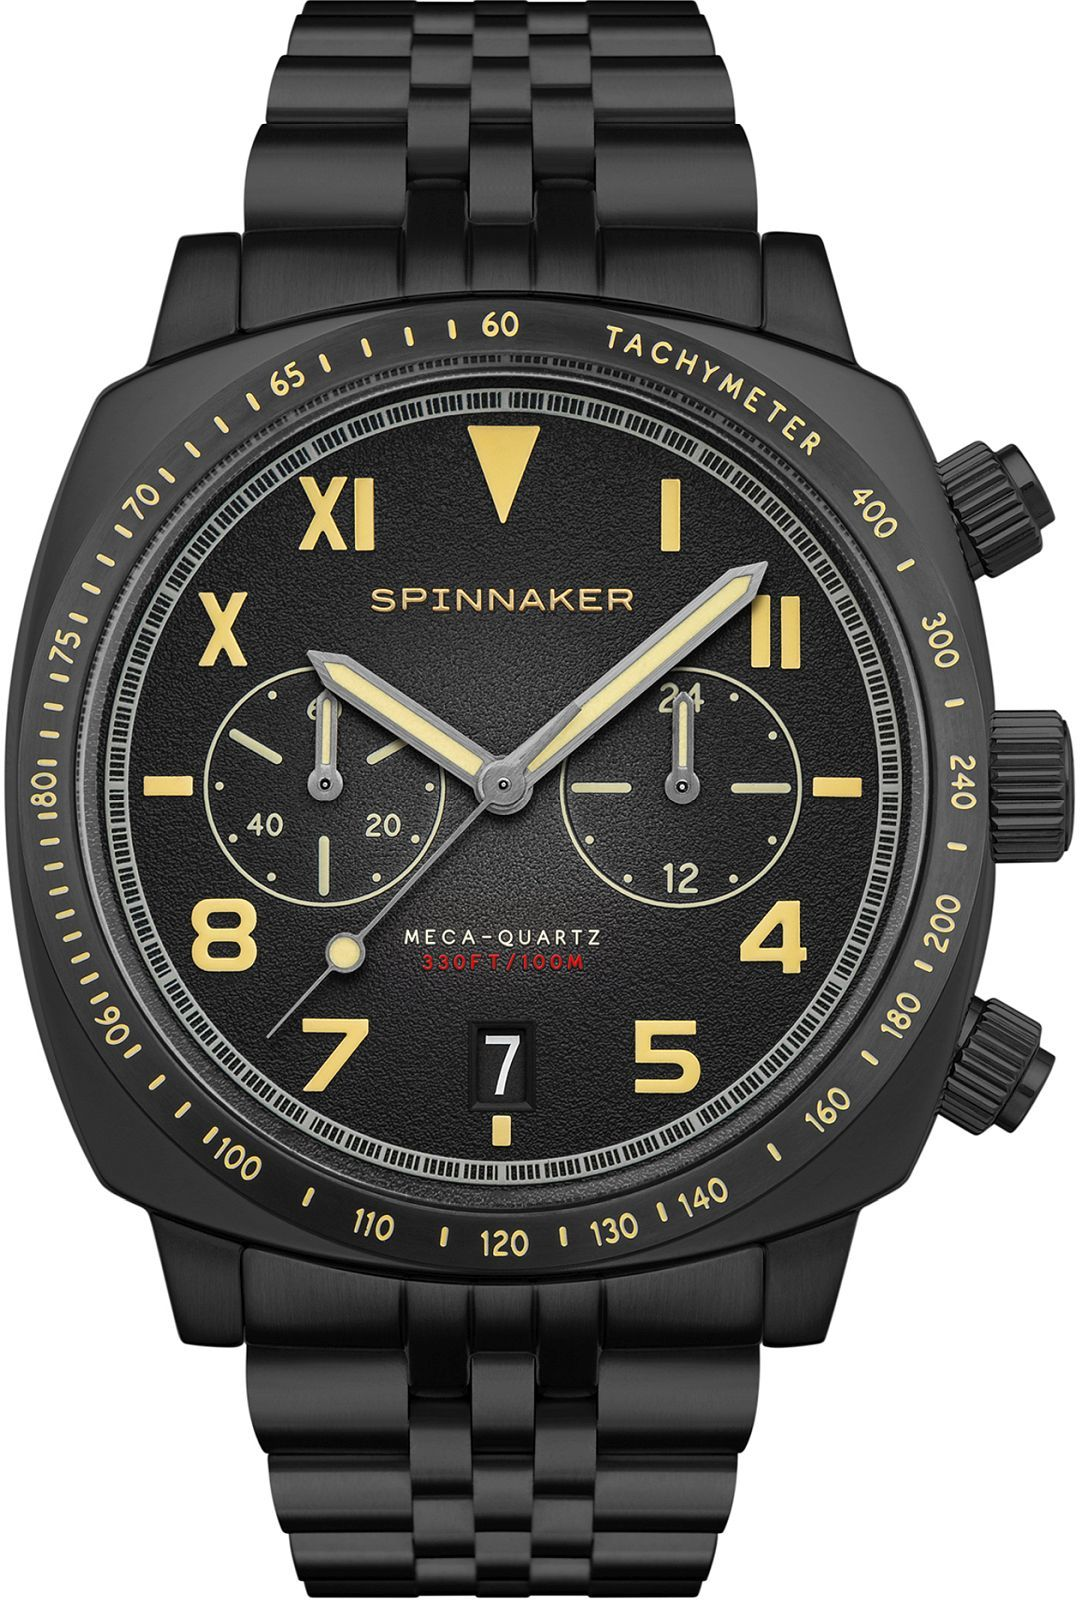 Spinnaker SP-5092-44 > Wysyłka tego samego dnia Grawer 0zł Darmowa dostawa Kurierem/Inpost Darmowy zwrot przez 100 DNI